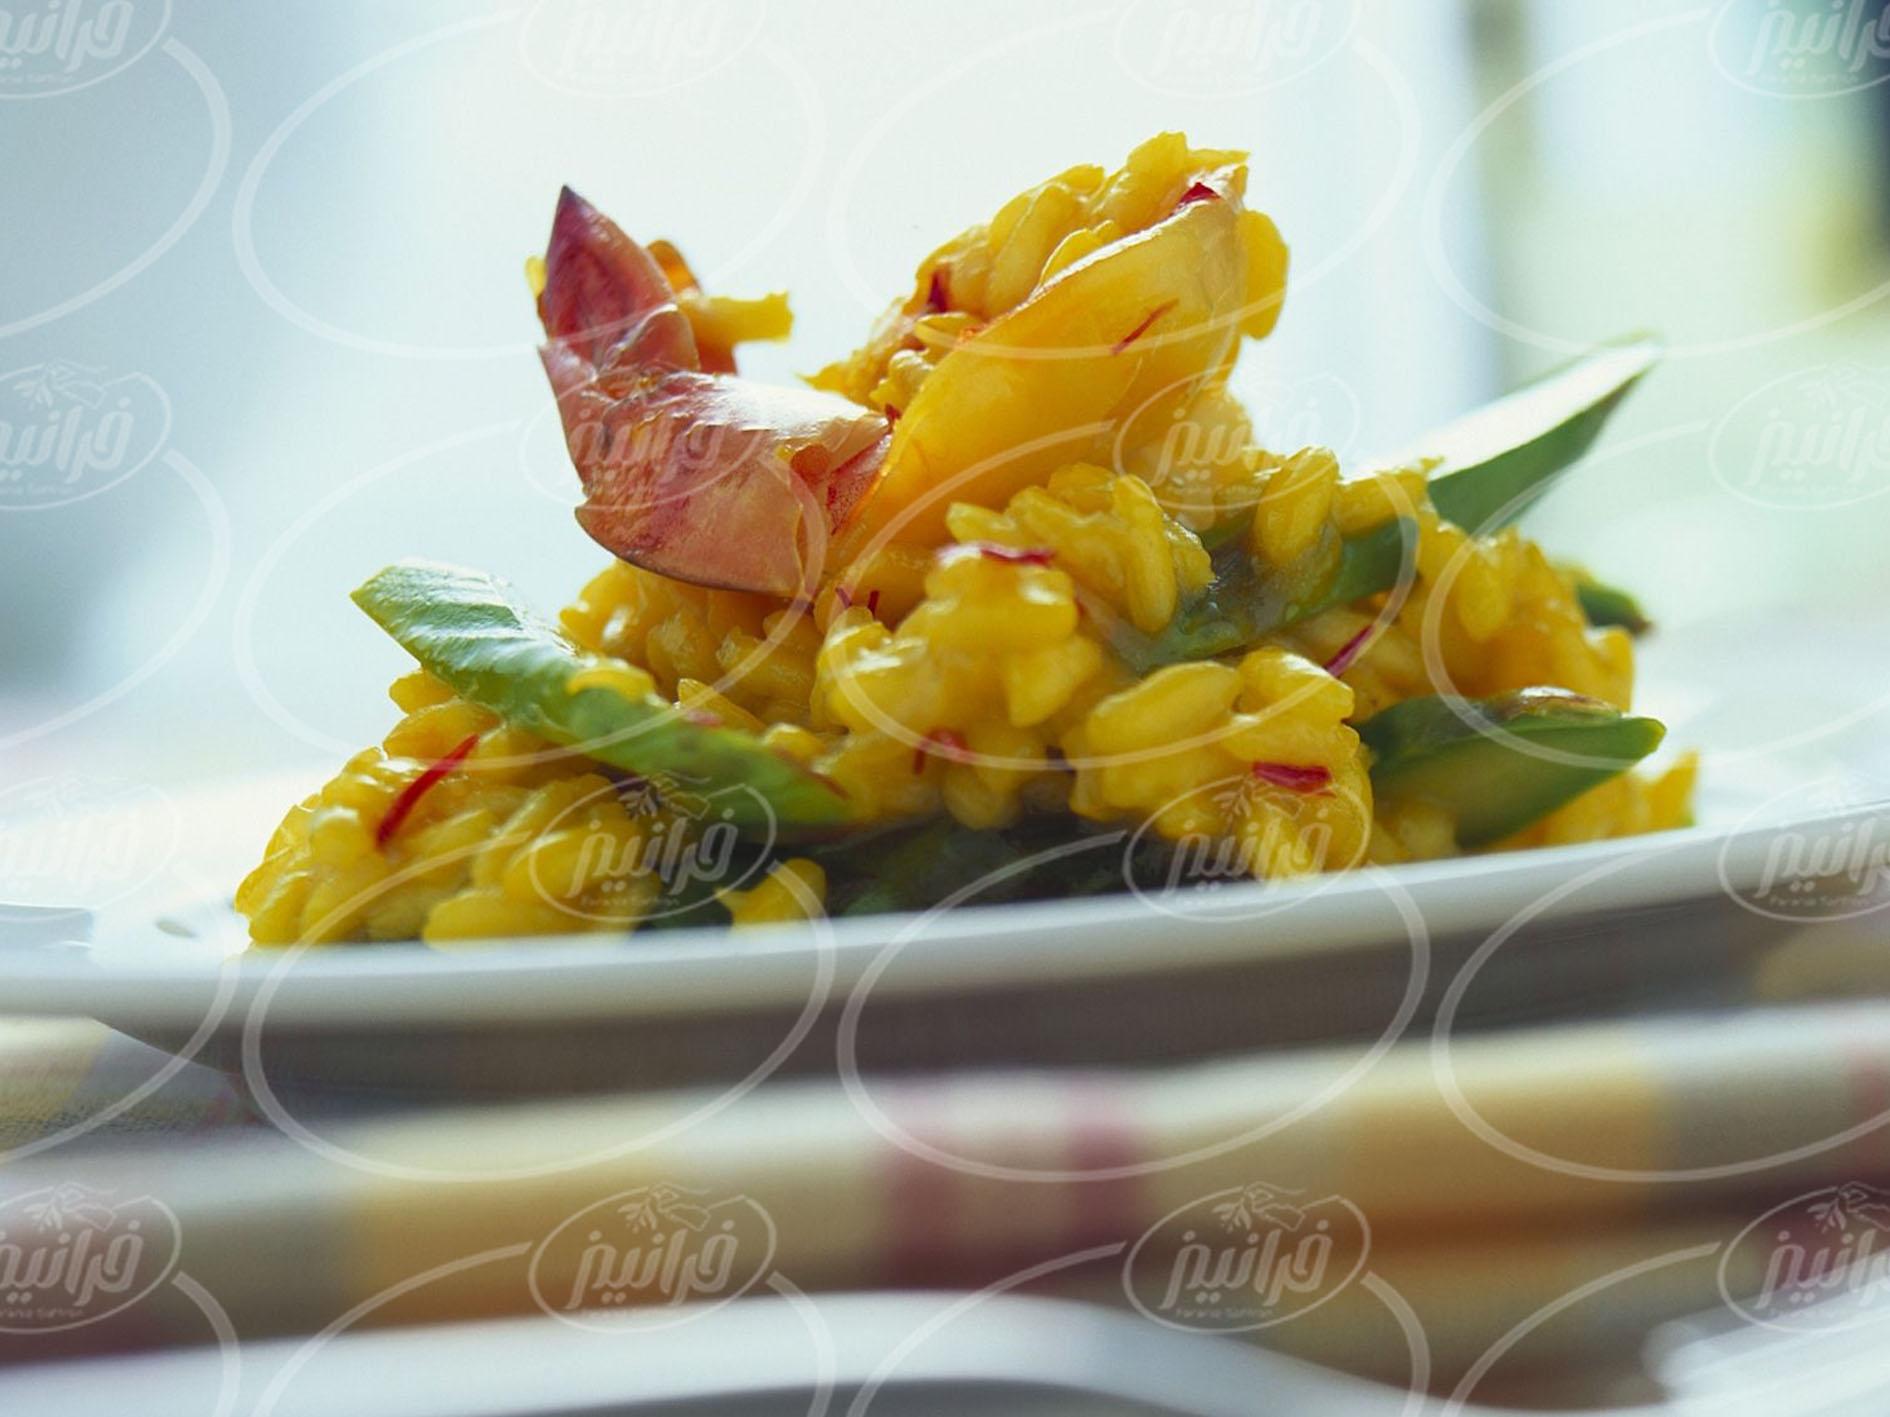 فروش پودر زعفران به صورت تمام وقت